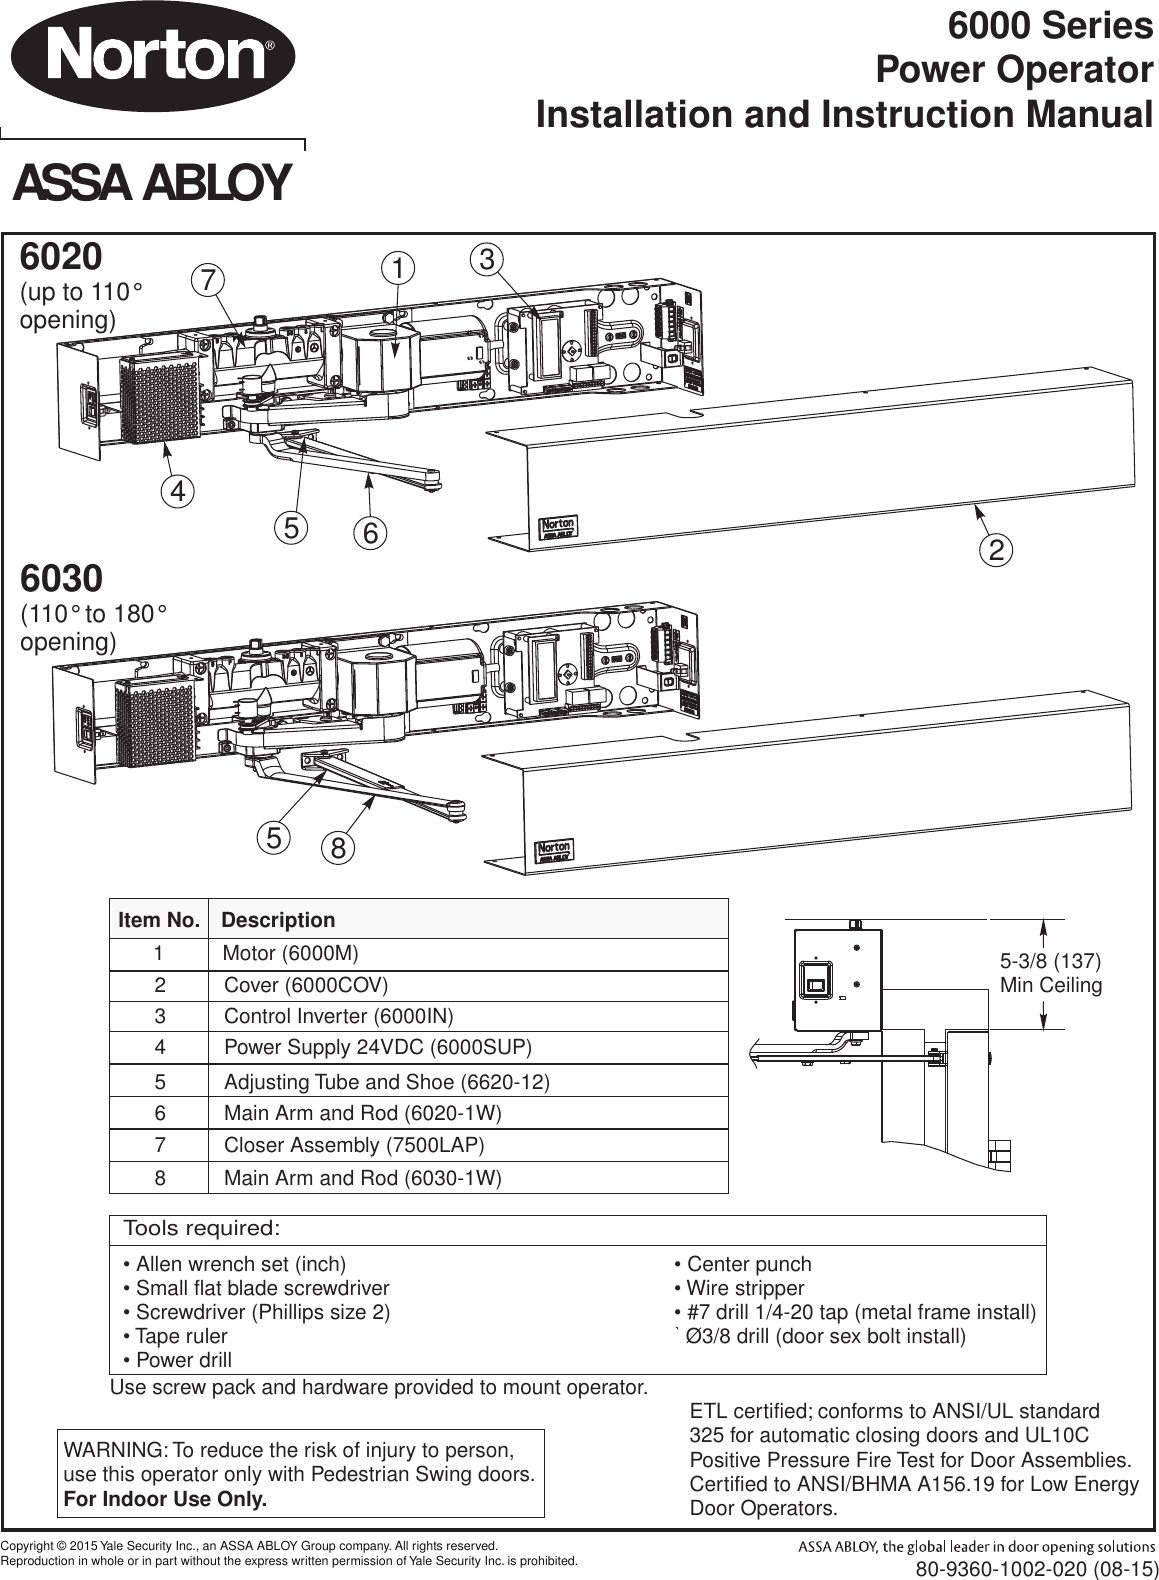 Duff Norton Wiring Diagram Trusted Diagrams Sk6415 200 Spa 1986 Honda Big Red Wet Jet